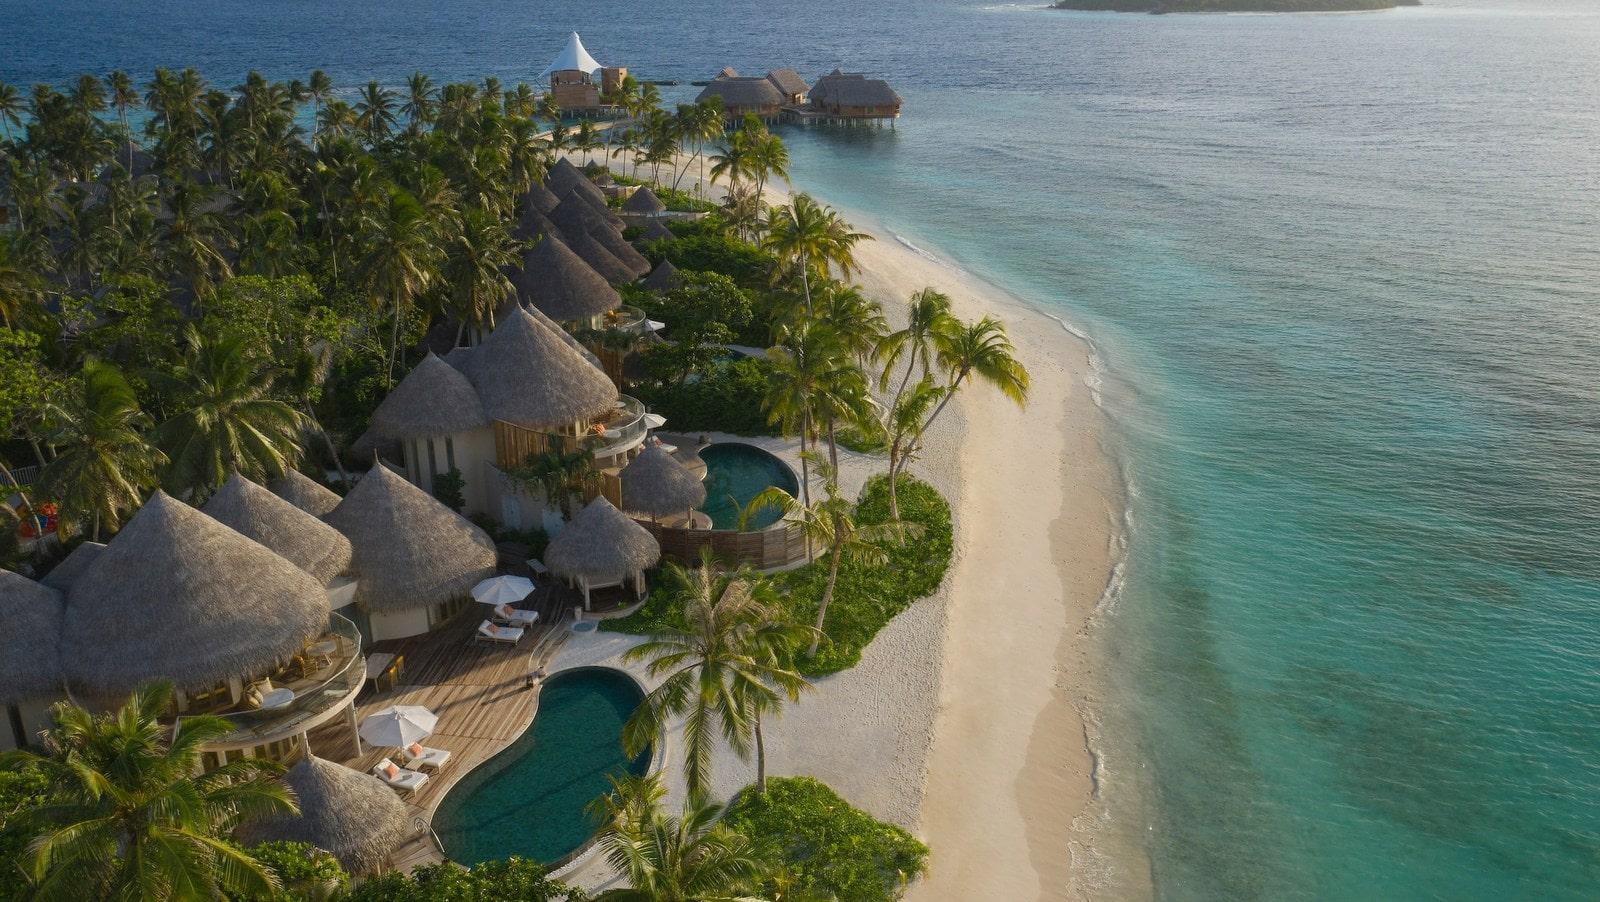 Мальдивы, отель The Nautilus Maldives, пляж